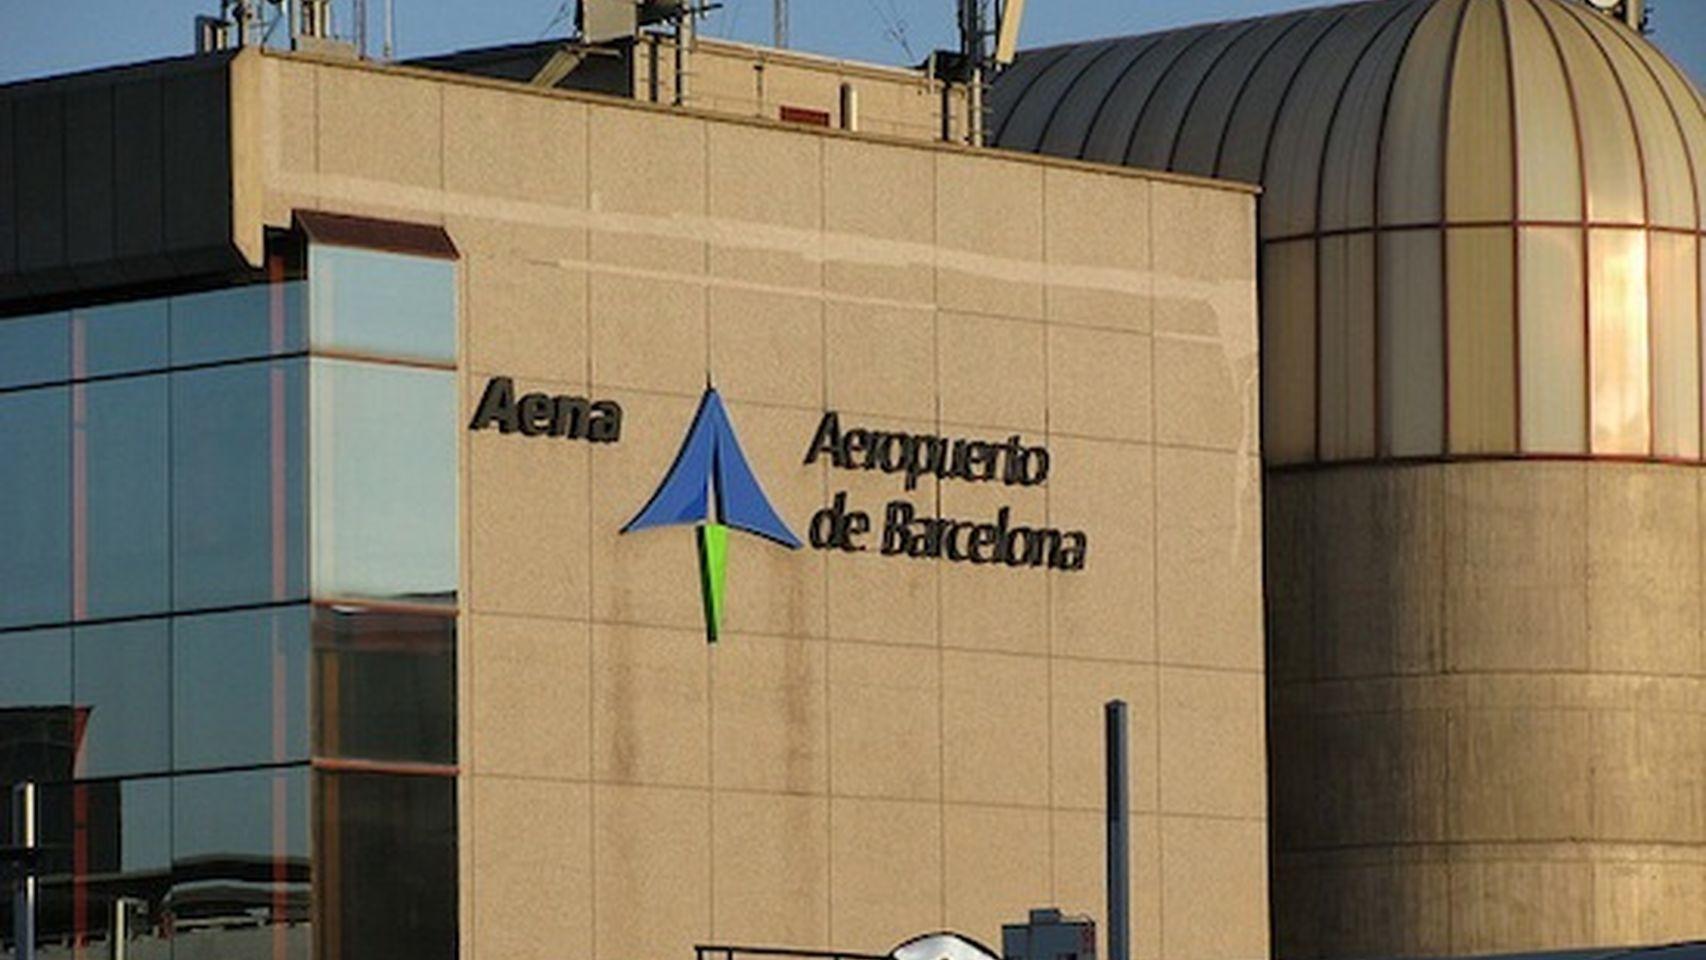 Aena ignoró 153 incumplimientos de Ryanair y 96 de Air Europa en sólo 6 meses